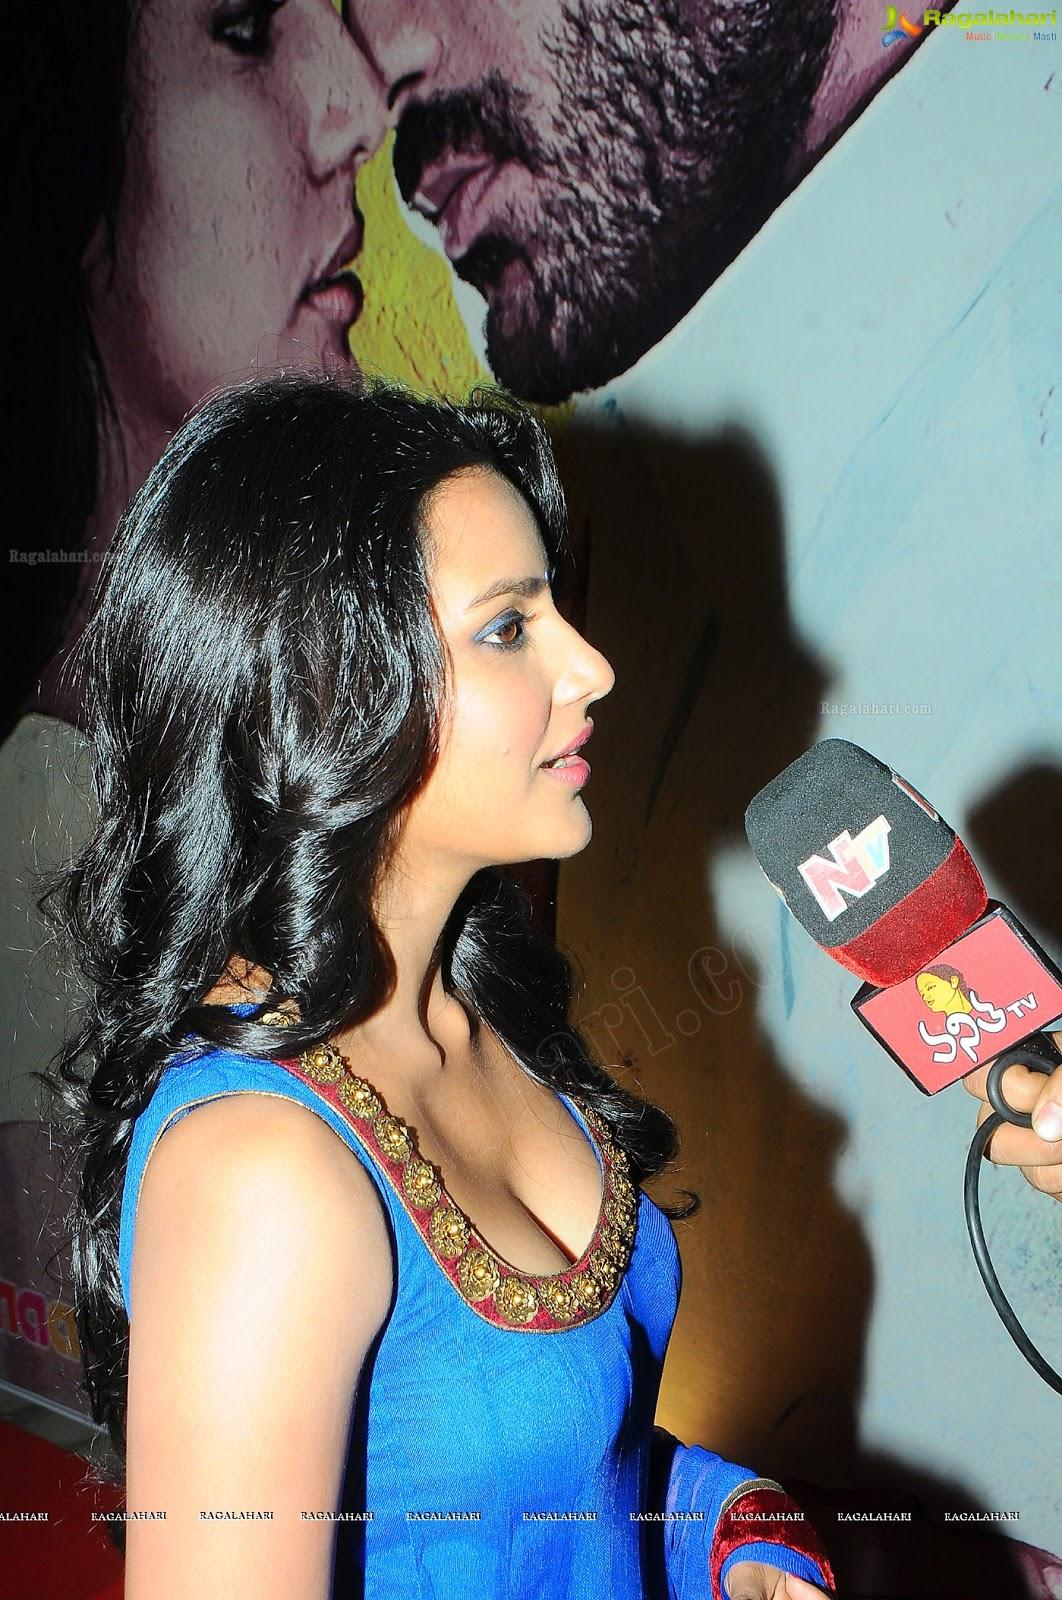 Priya Anand Hot Sexy Cleavage Hot Bhojpuri Video Hindi Mms Pics Wallpaper Actress B Grade